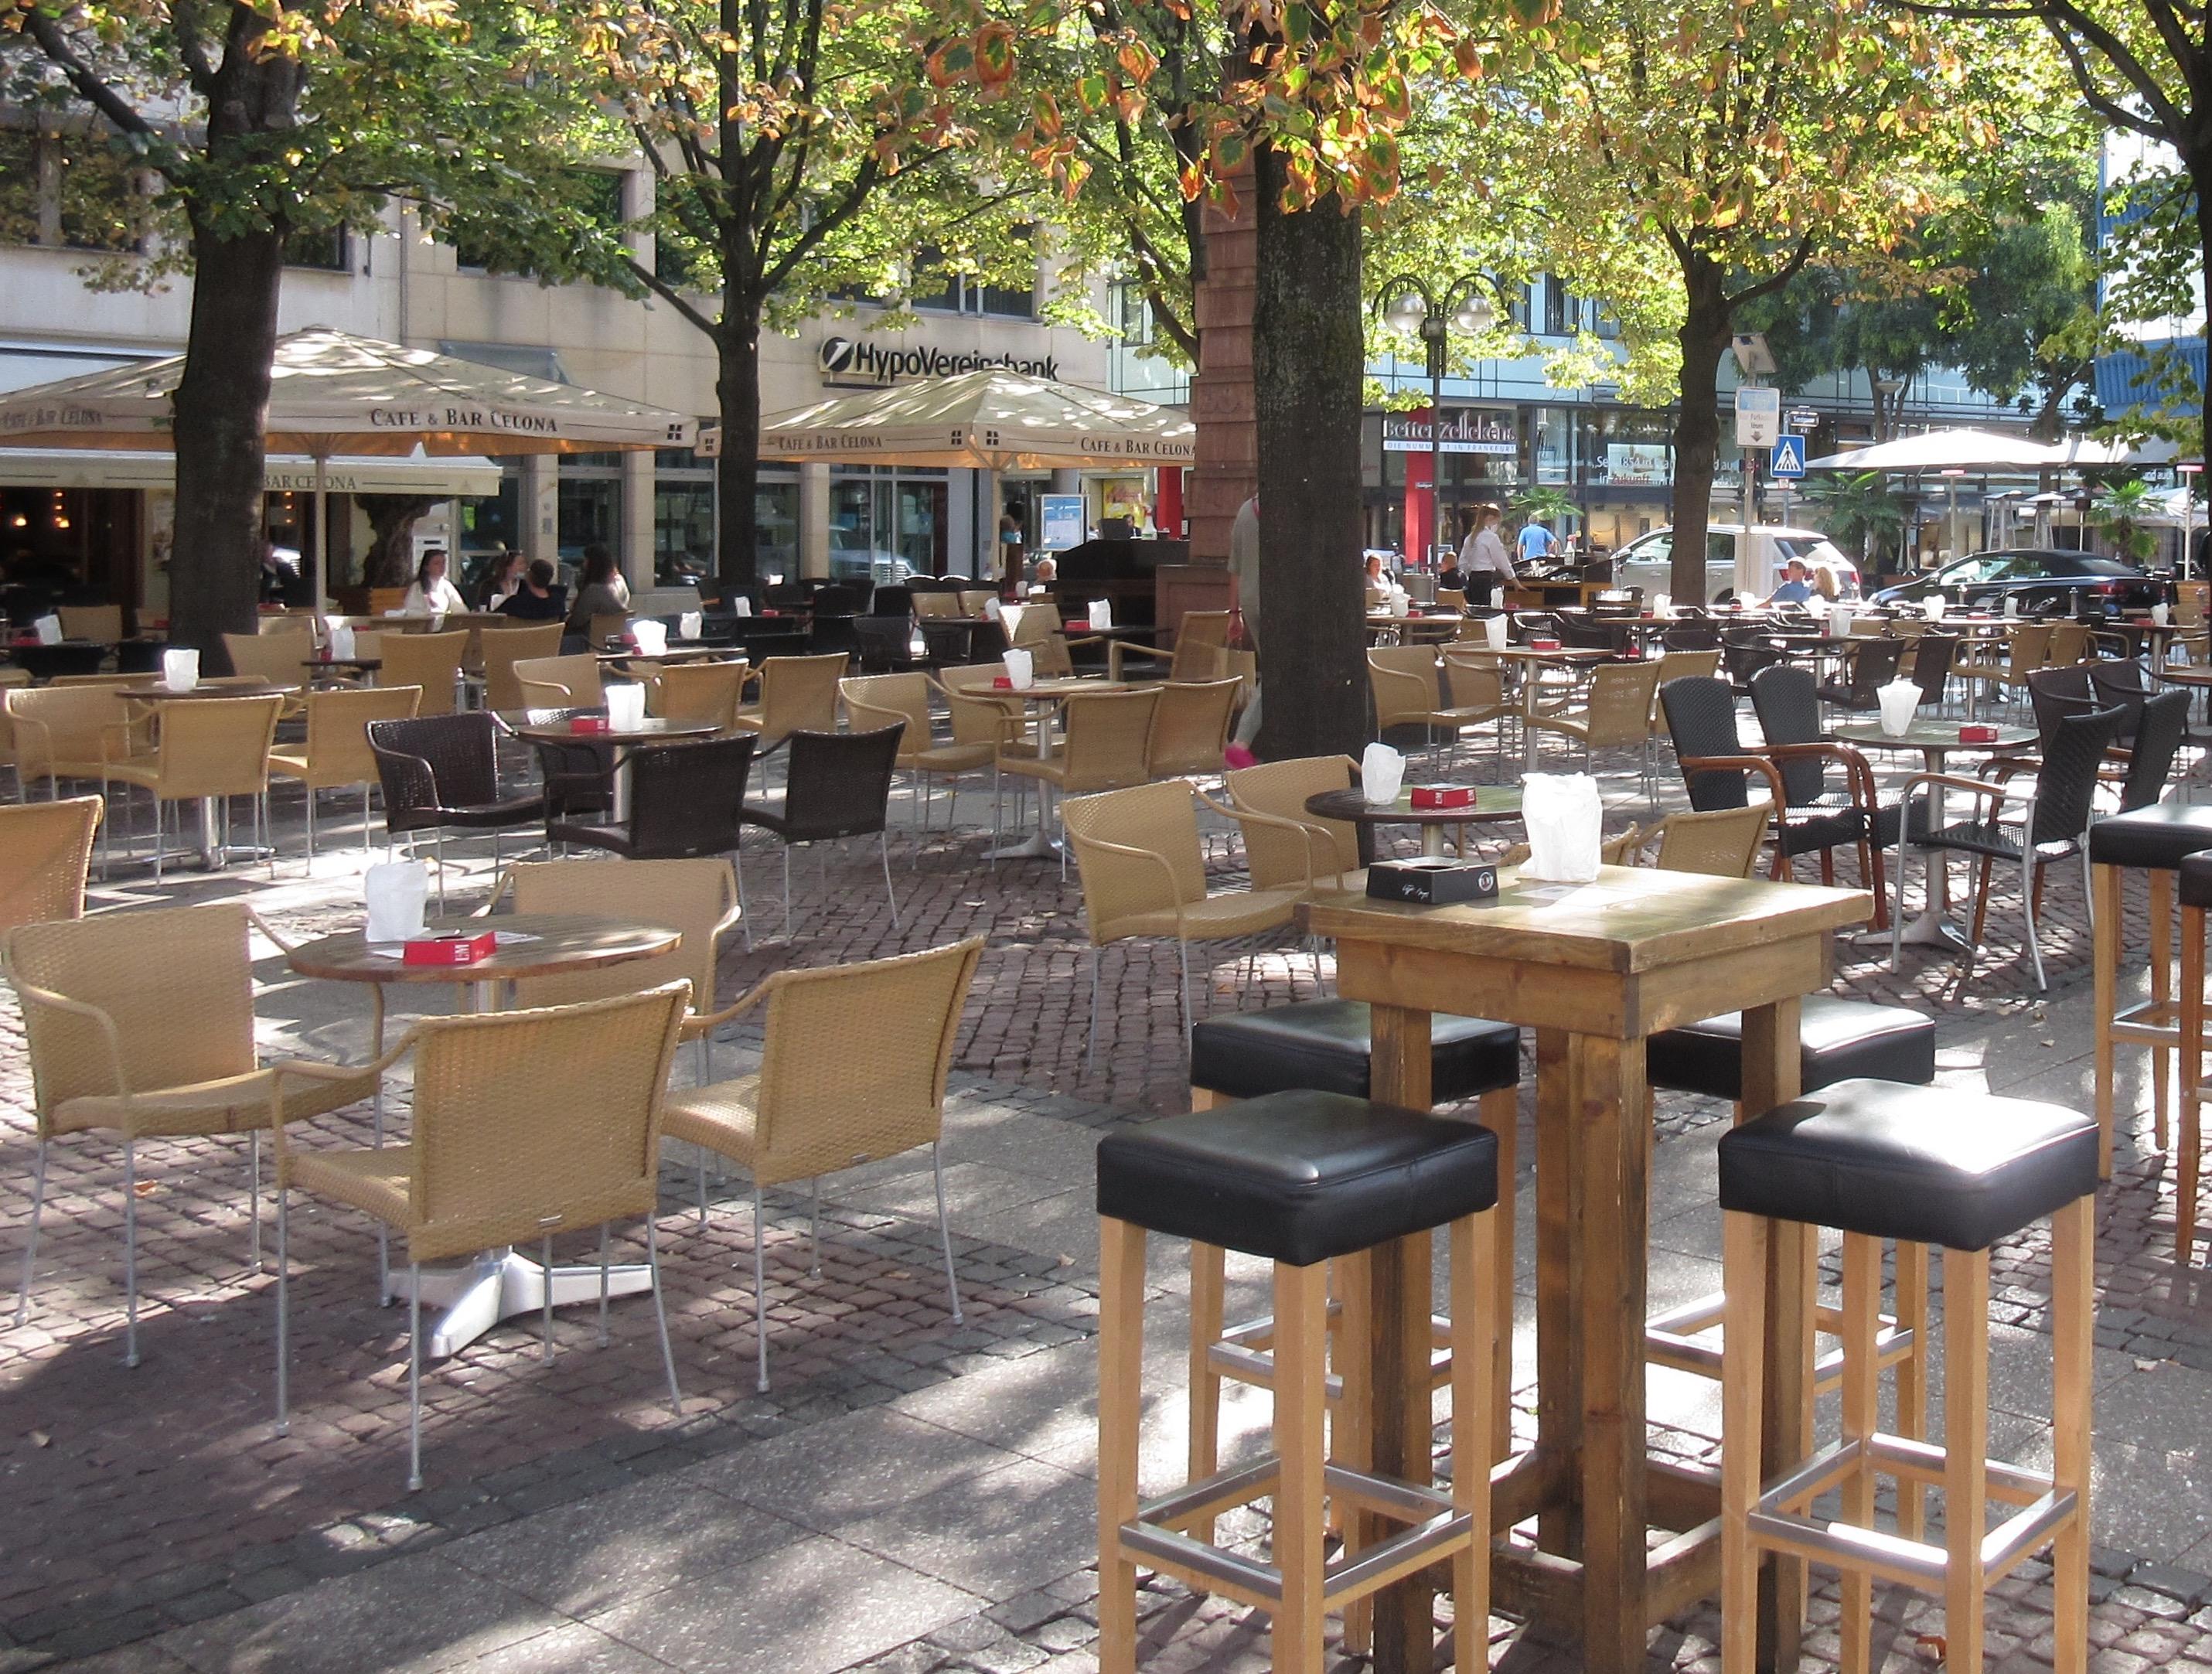 FrankfurtCafe